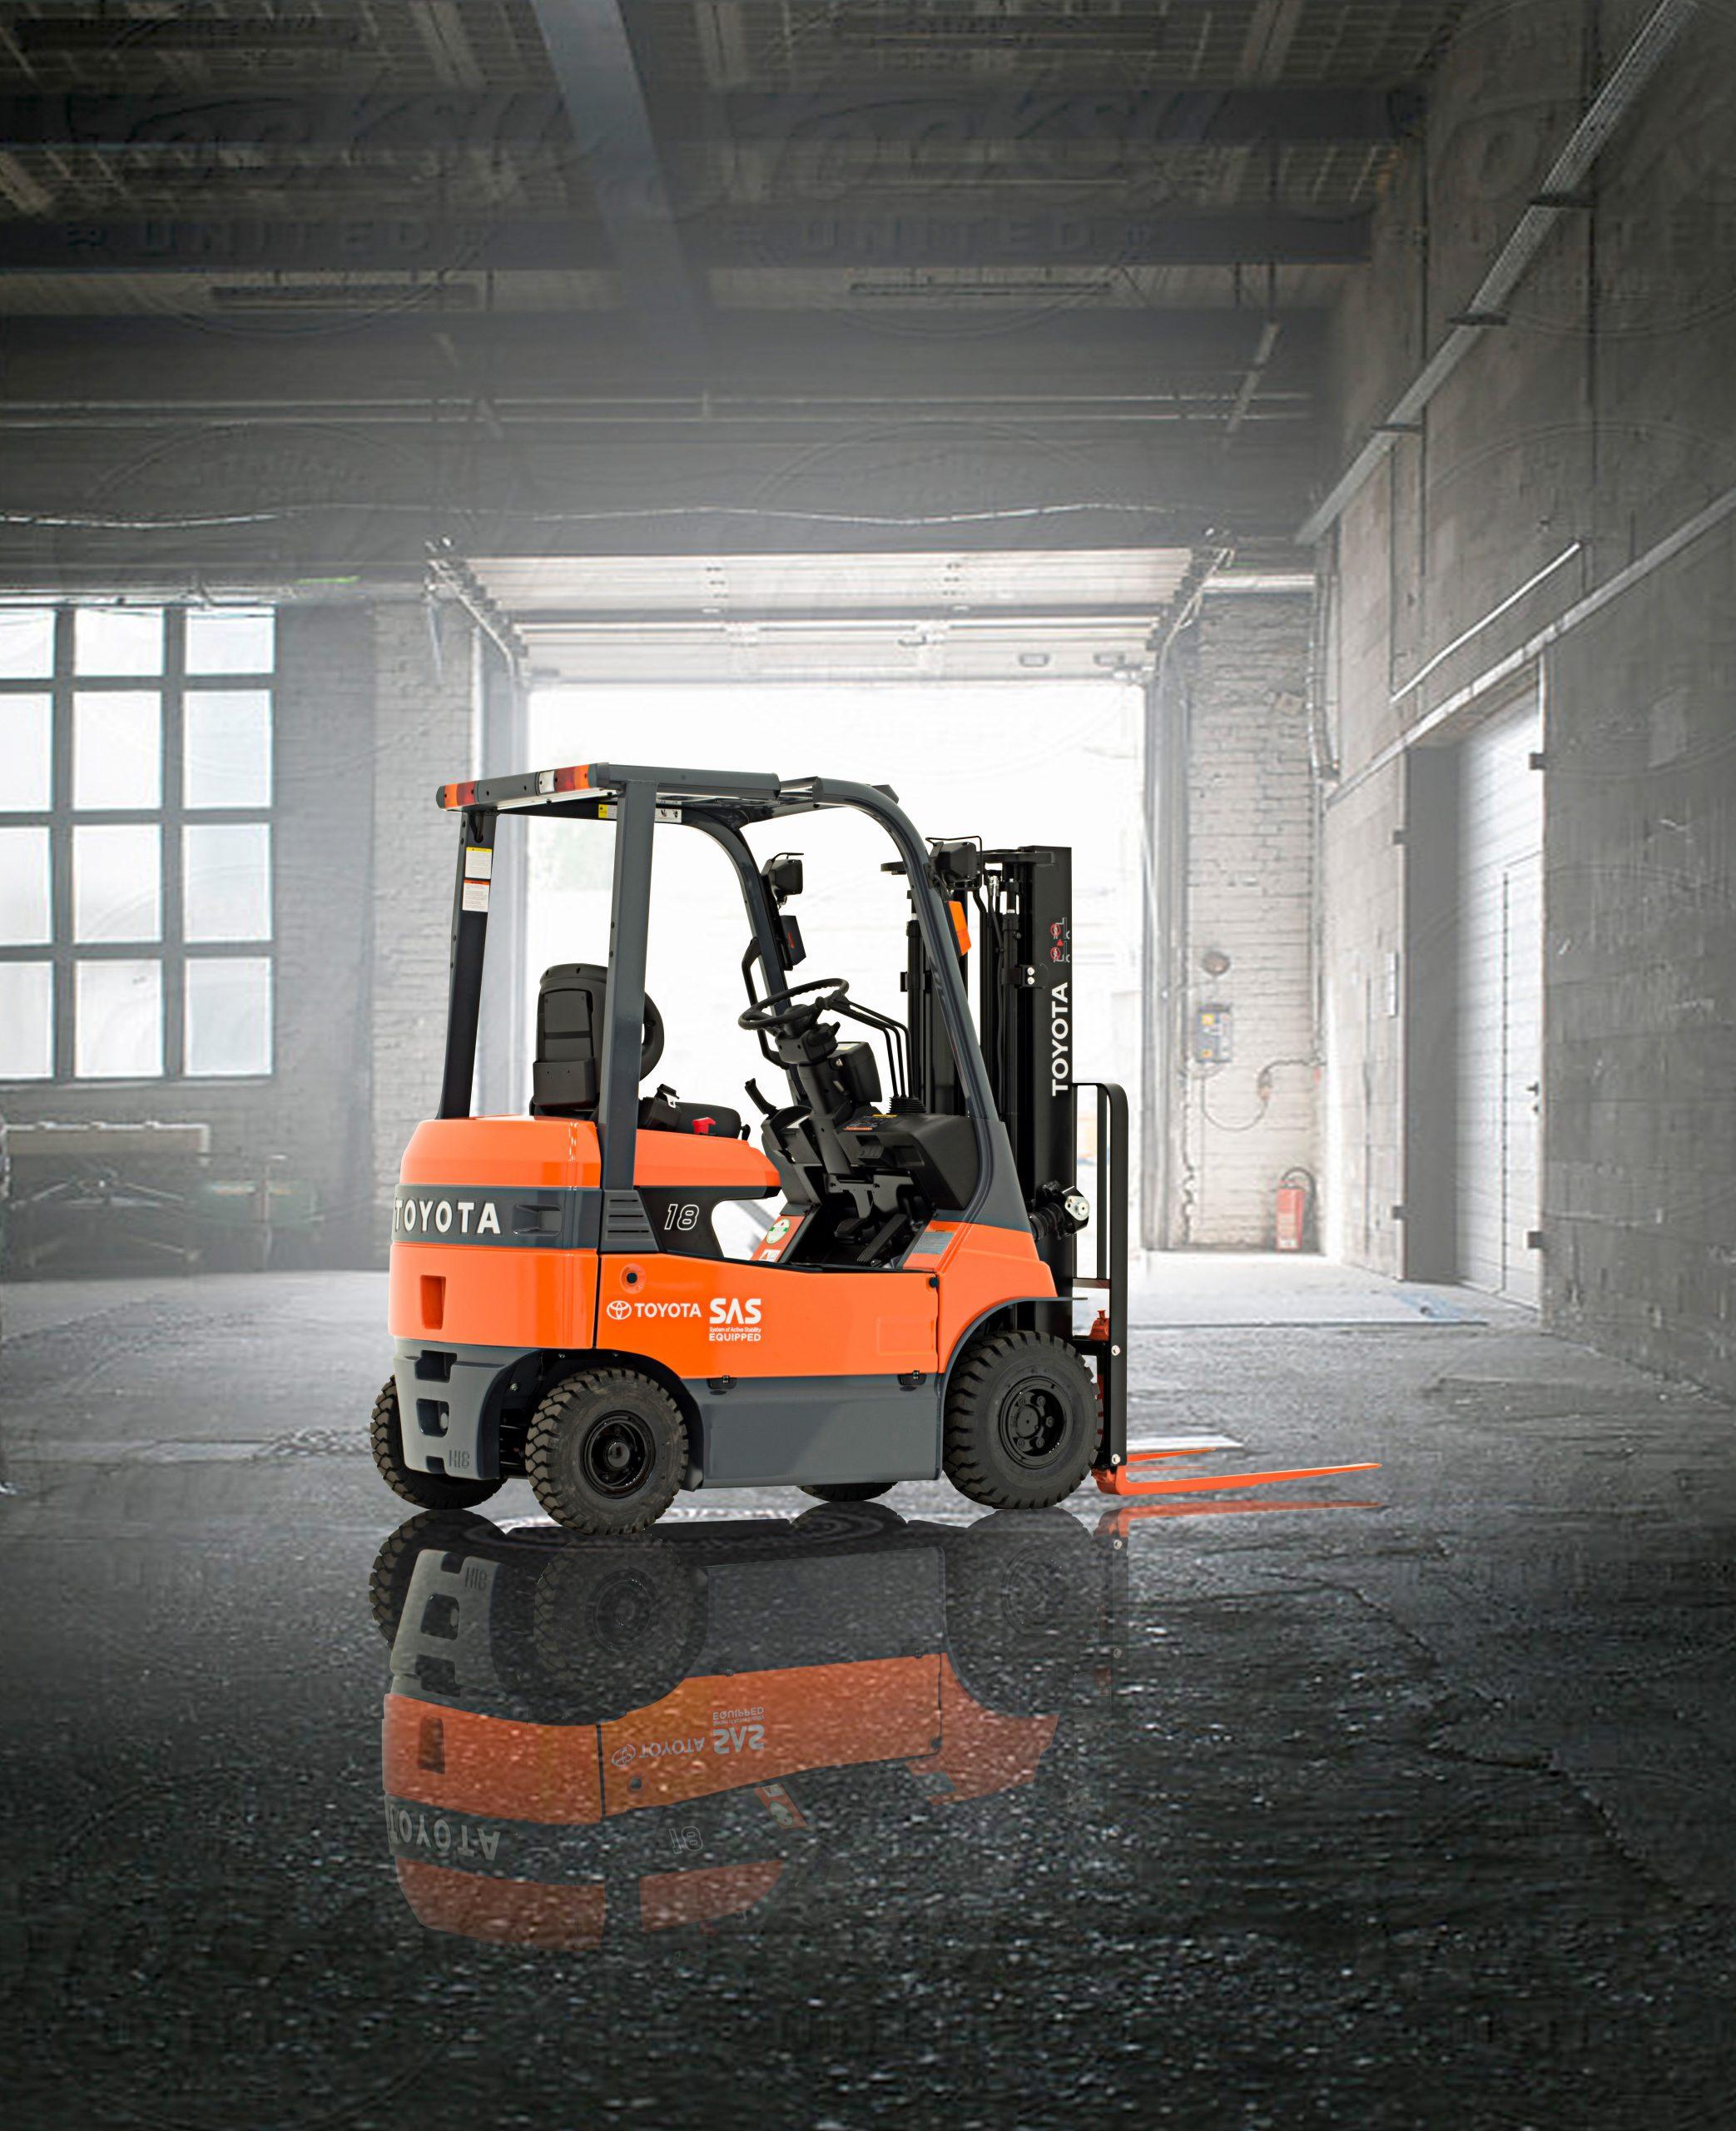 Forklift After